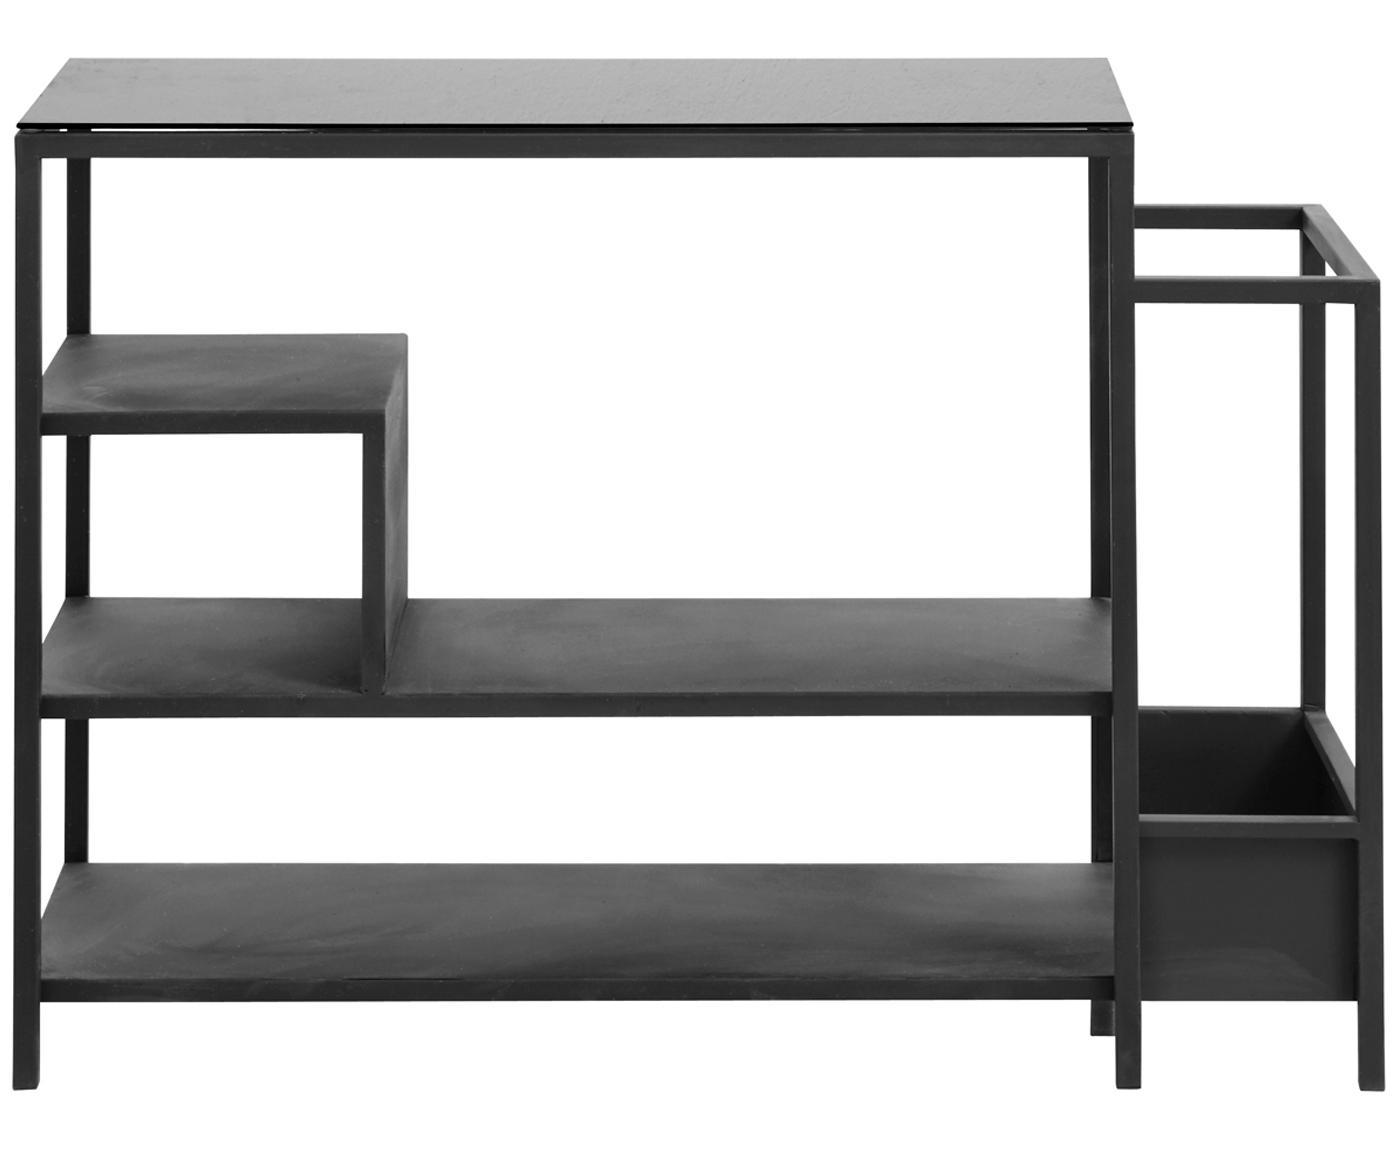 Scarpiera in metallo Bum, Metallo verniciato a polvere, Nero, Larg. 85 x Alt. 59 cm